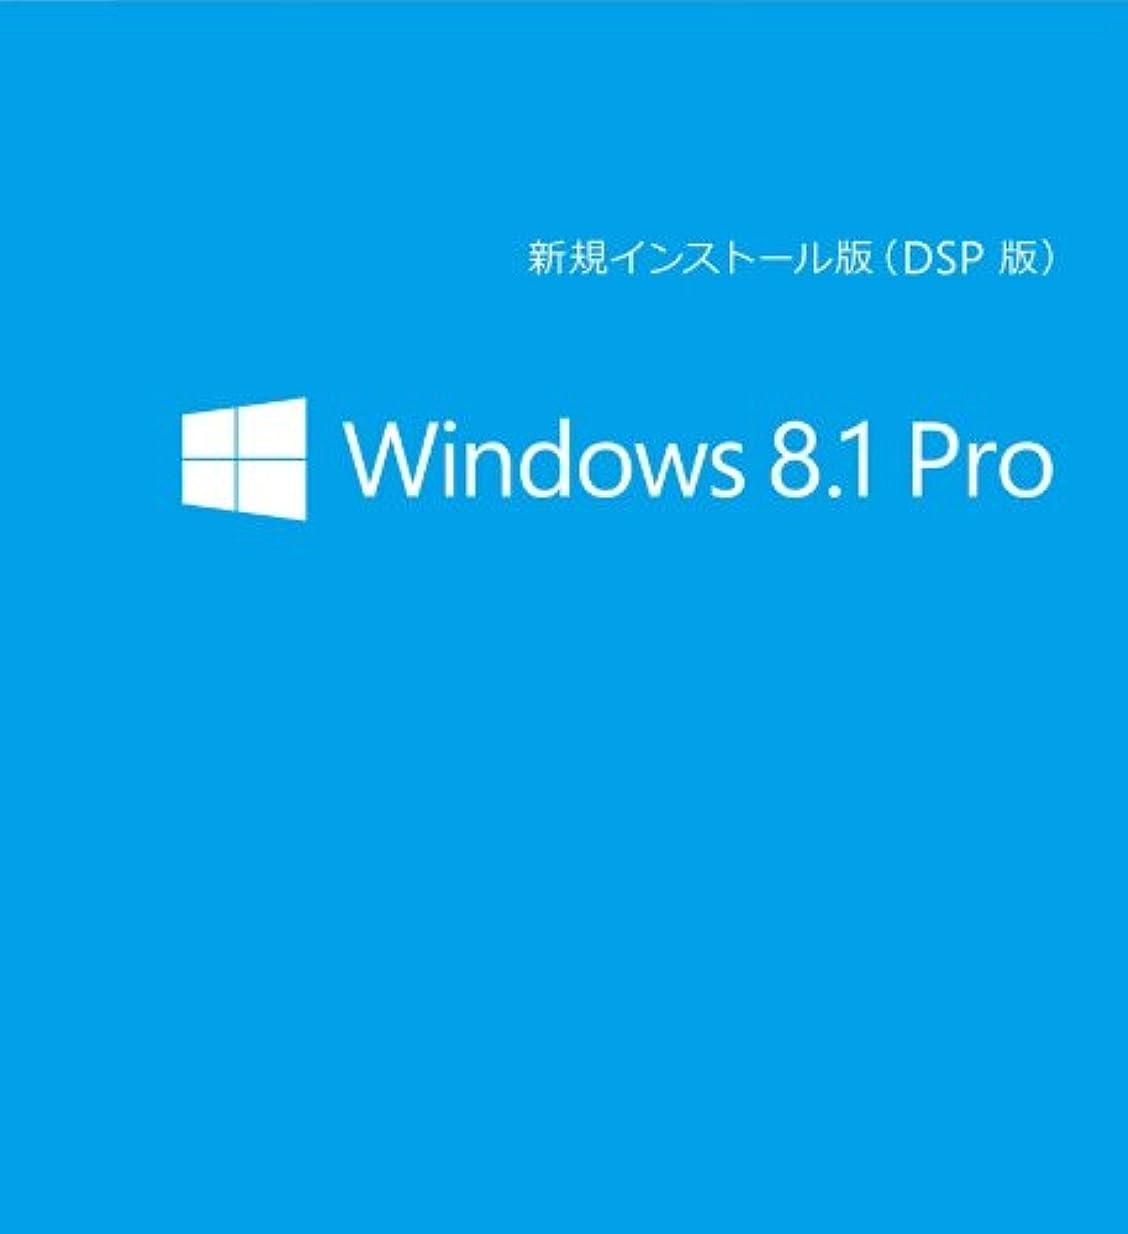 罹患率感嘆カスタム【旧商品】Microsoft Windows 8.1 Pro (DSP版) 32bit 日本語 Windows8.1アップデート適用済み